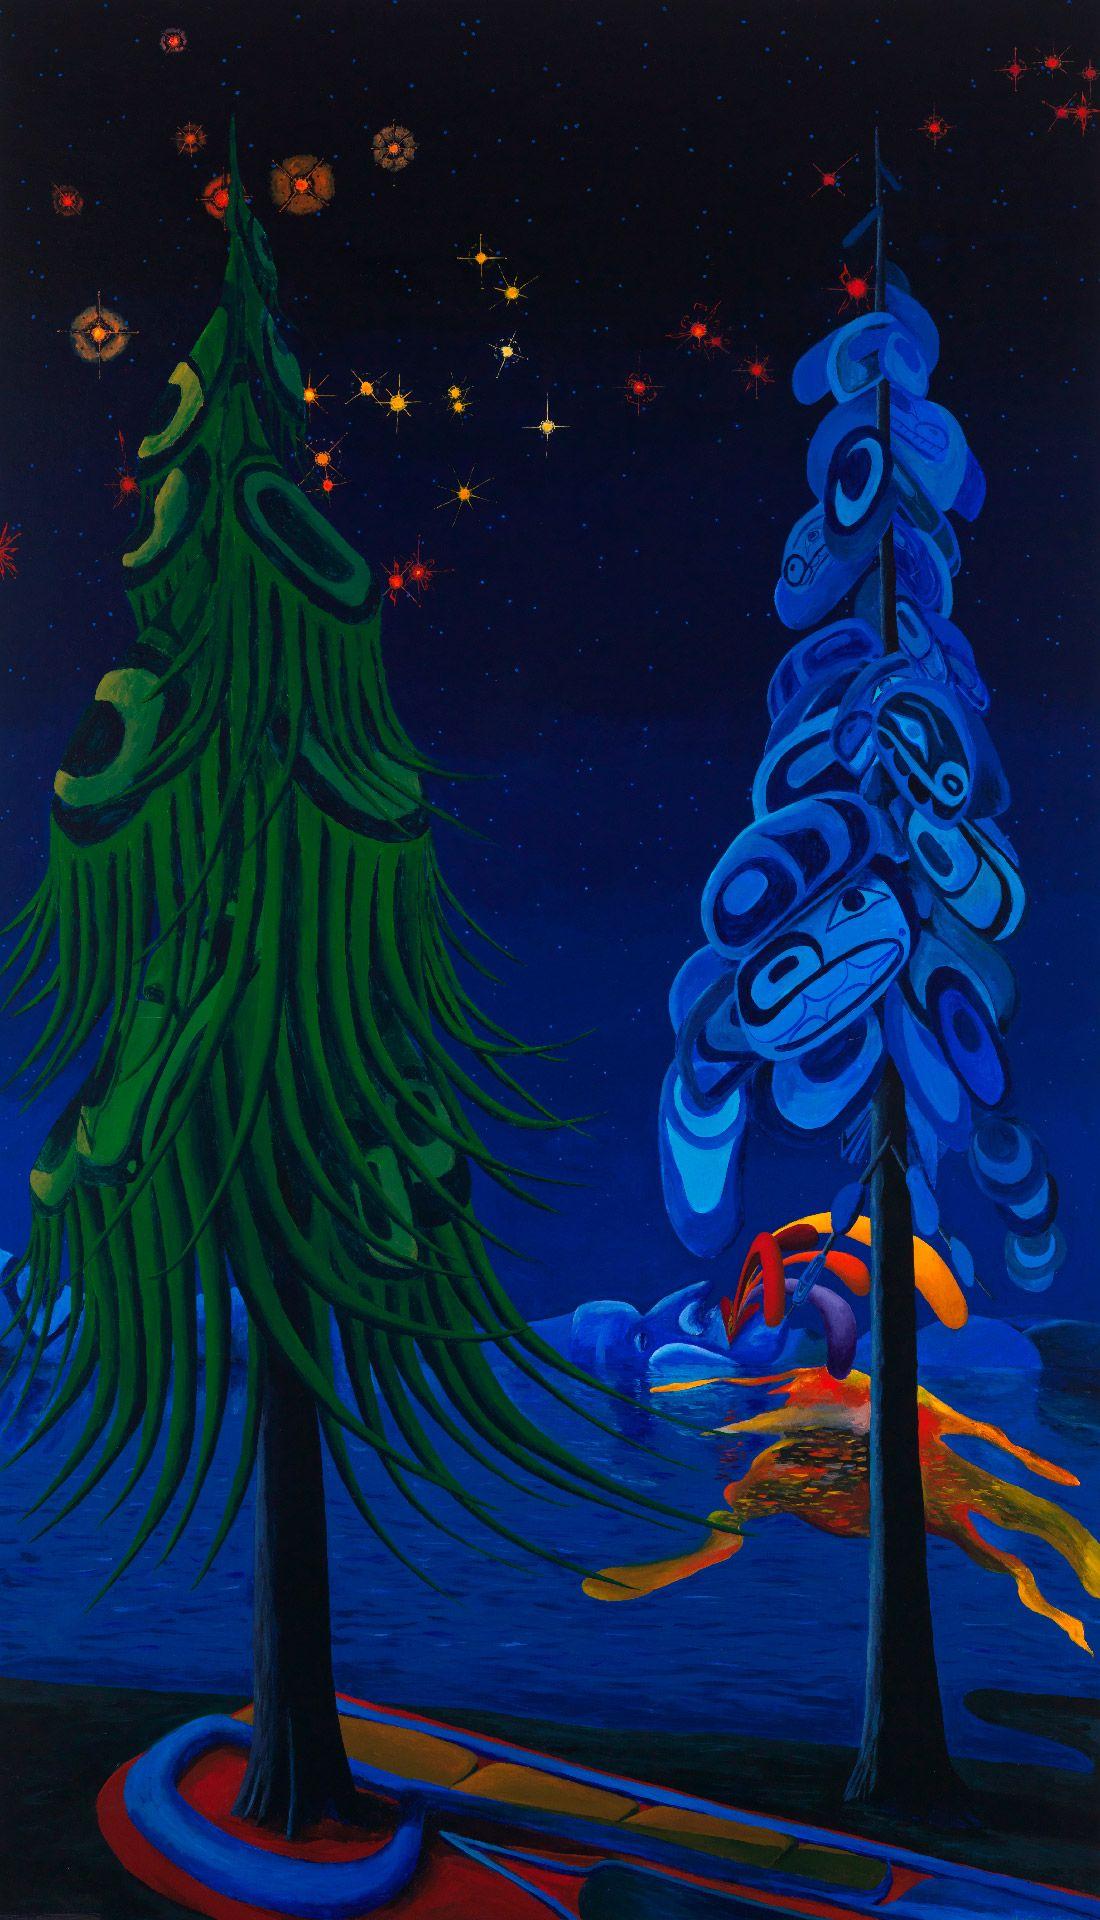 Lawrence Paul Yuxweluptun (born in 1957), Pollycolour, 2014